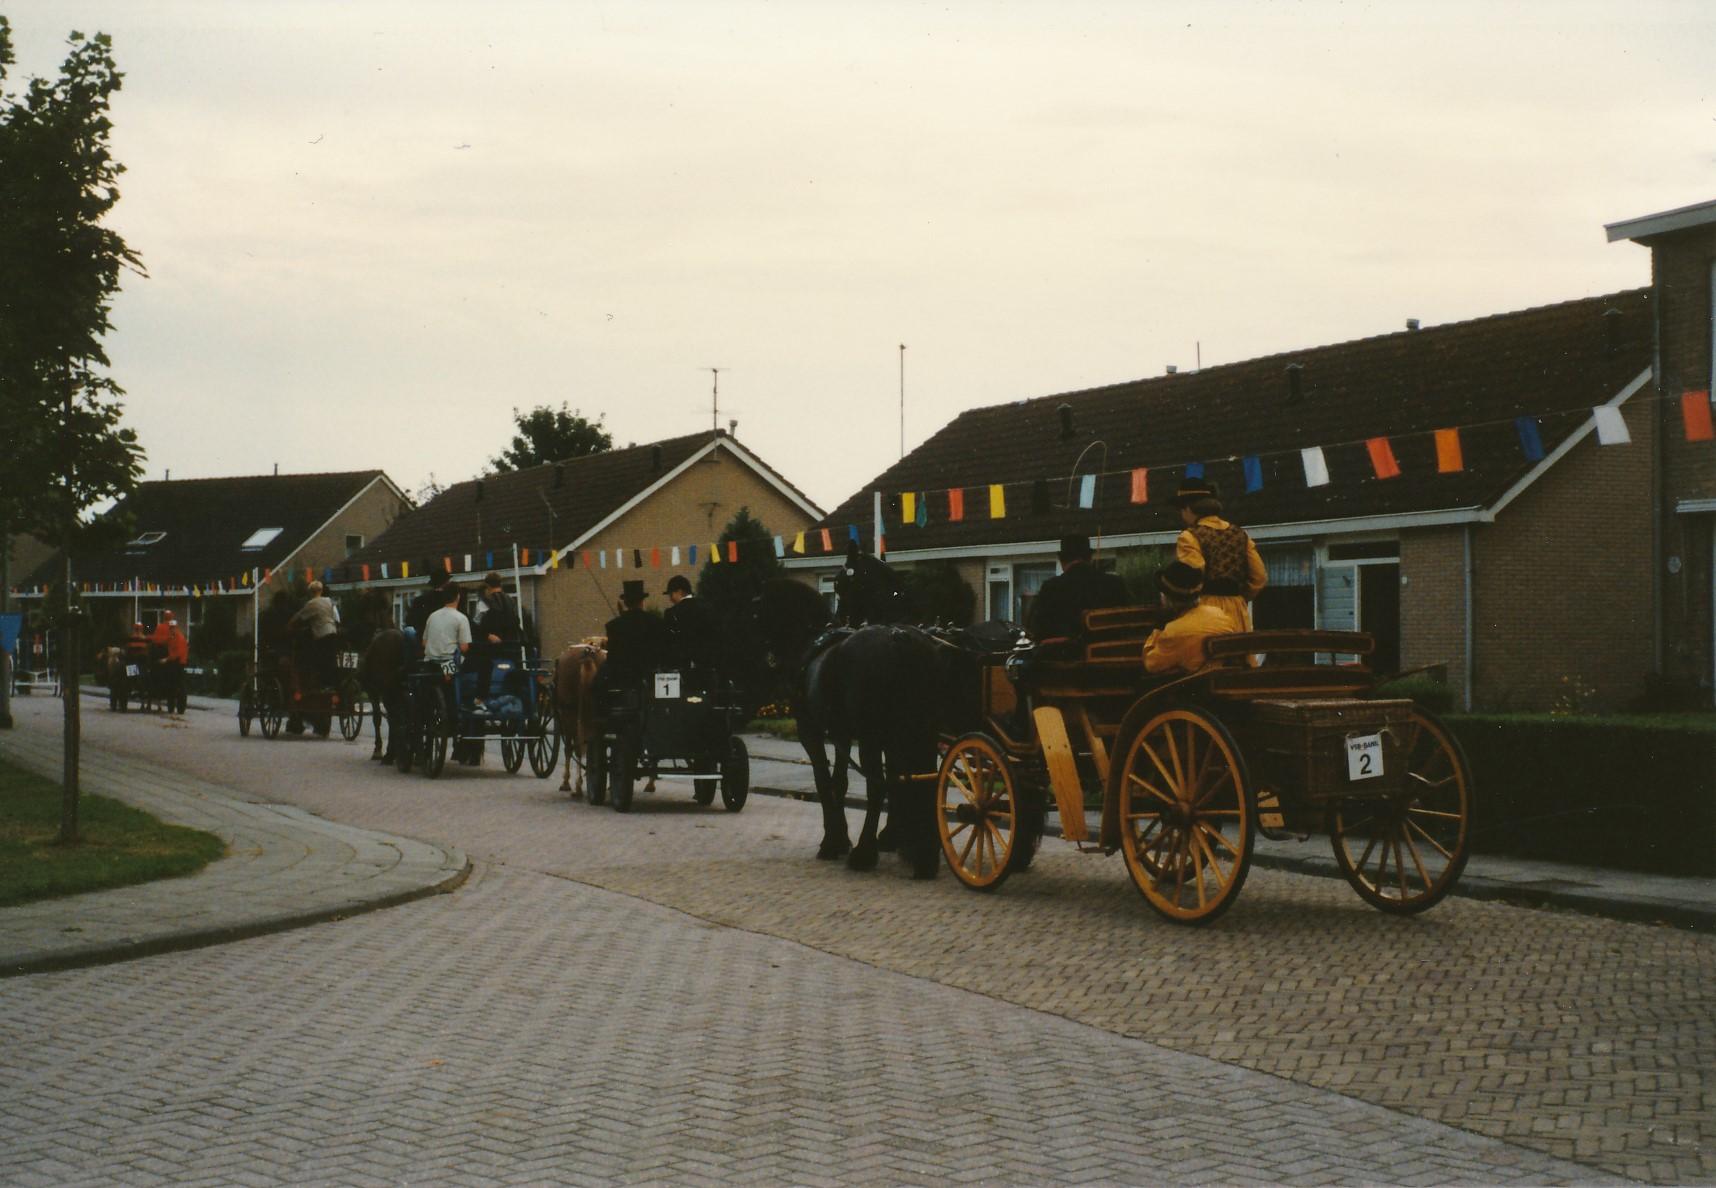 Fotoalbum Anneke Miedema, 030, Ringstekke yn e buorren, Merke 1996